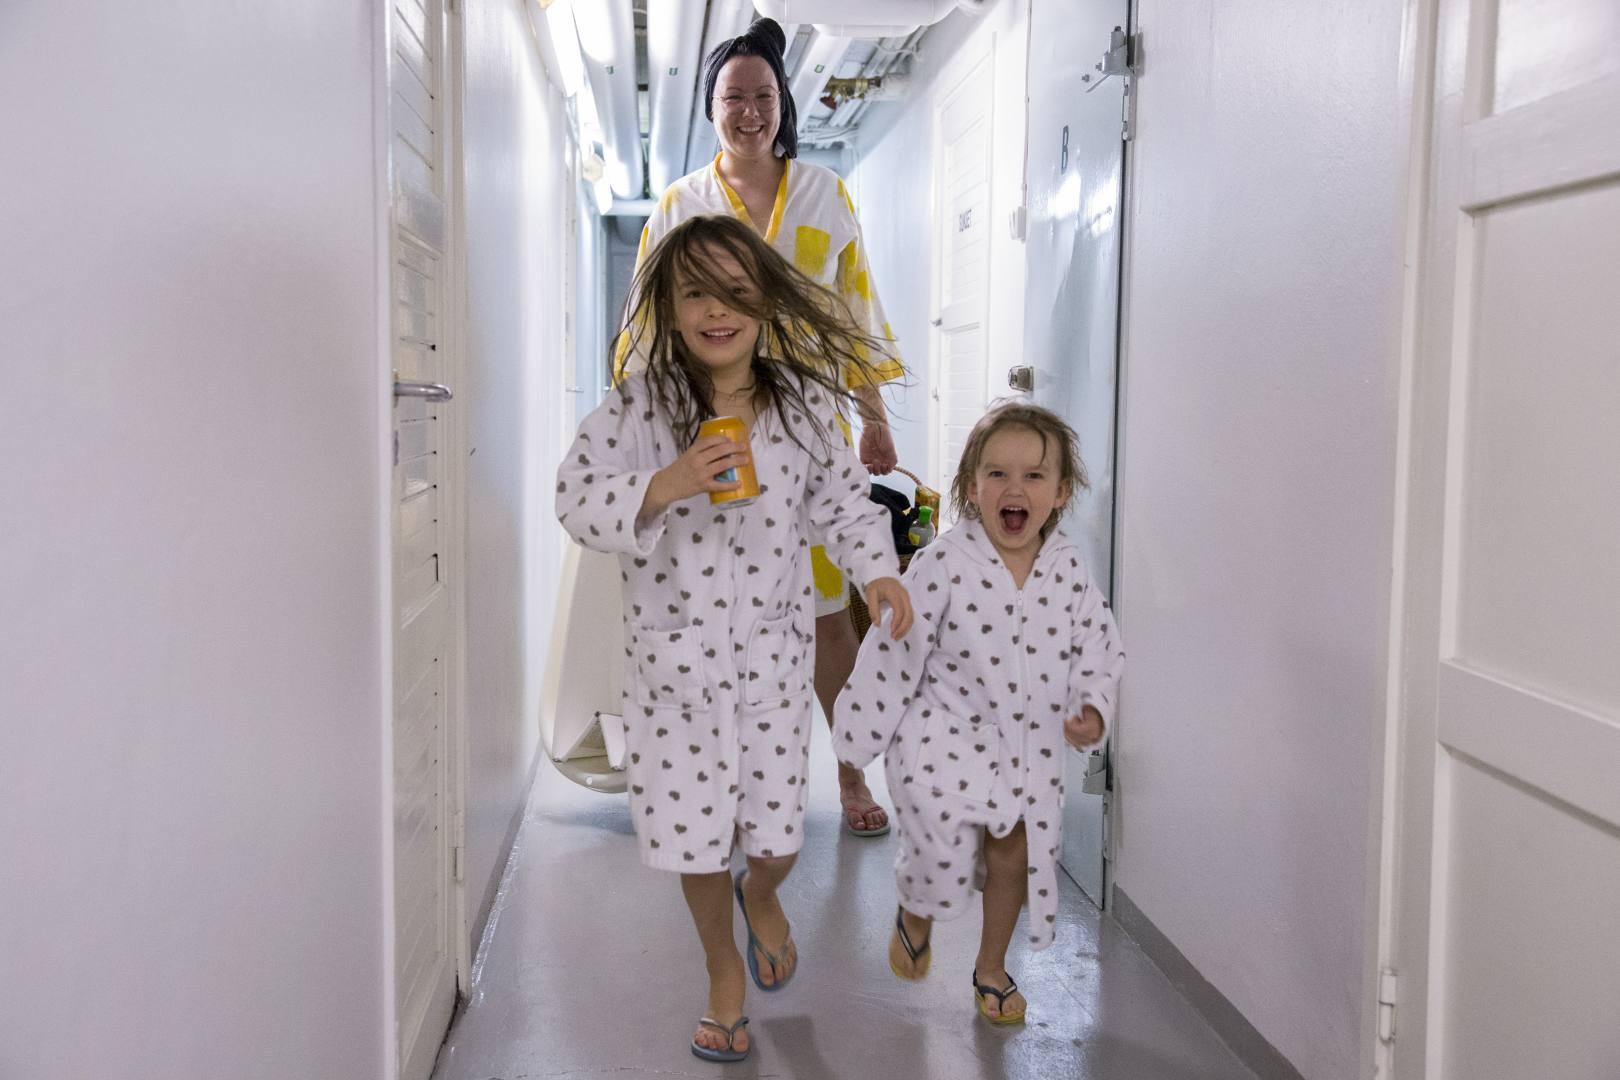 ©Lahiomutsi Arkikuva 11 Taloyhtion saunavuoro Lauantaisauna Finlayson saunatakki kylpytakki lapset 2018-4802